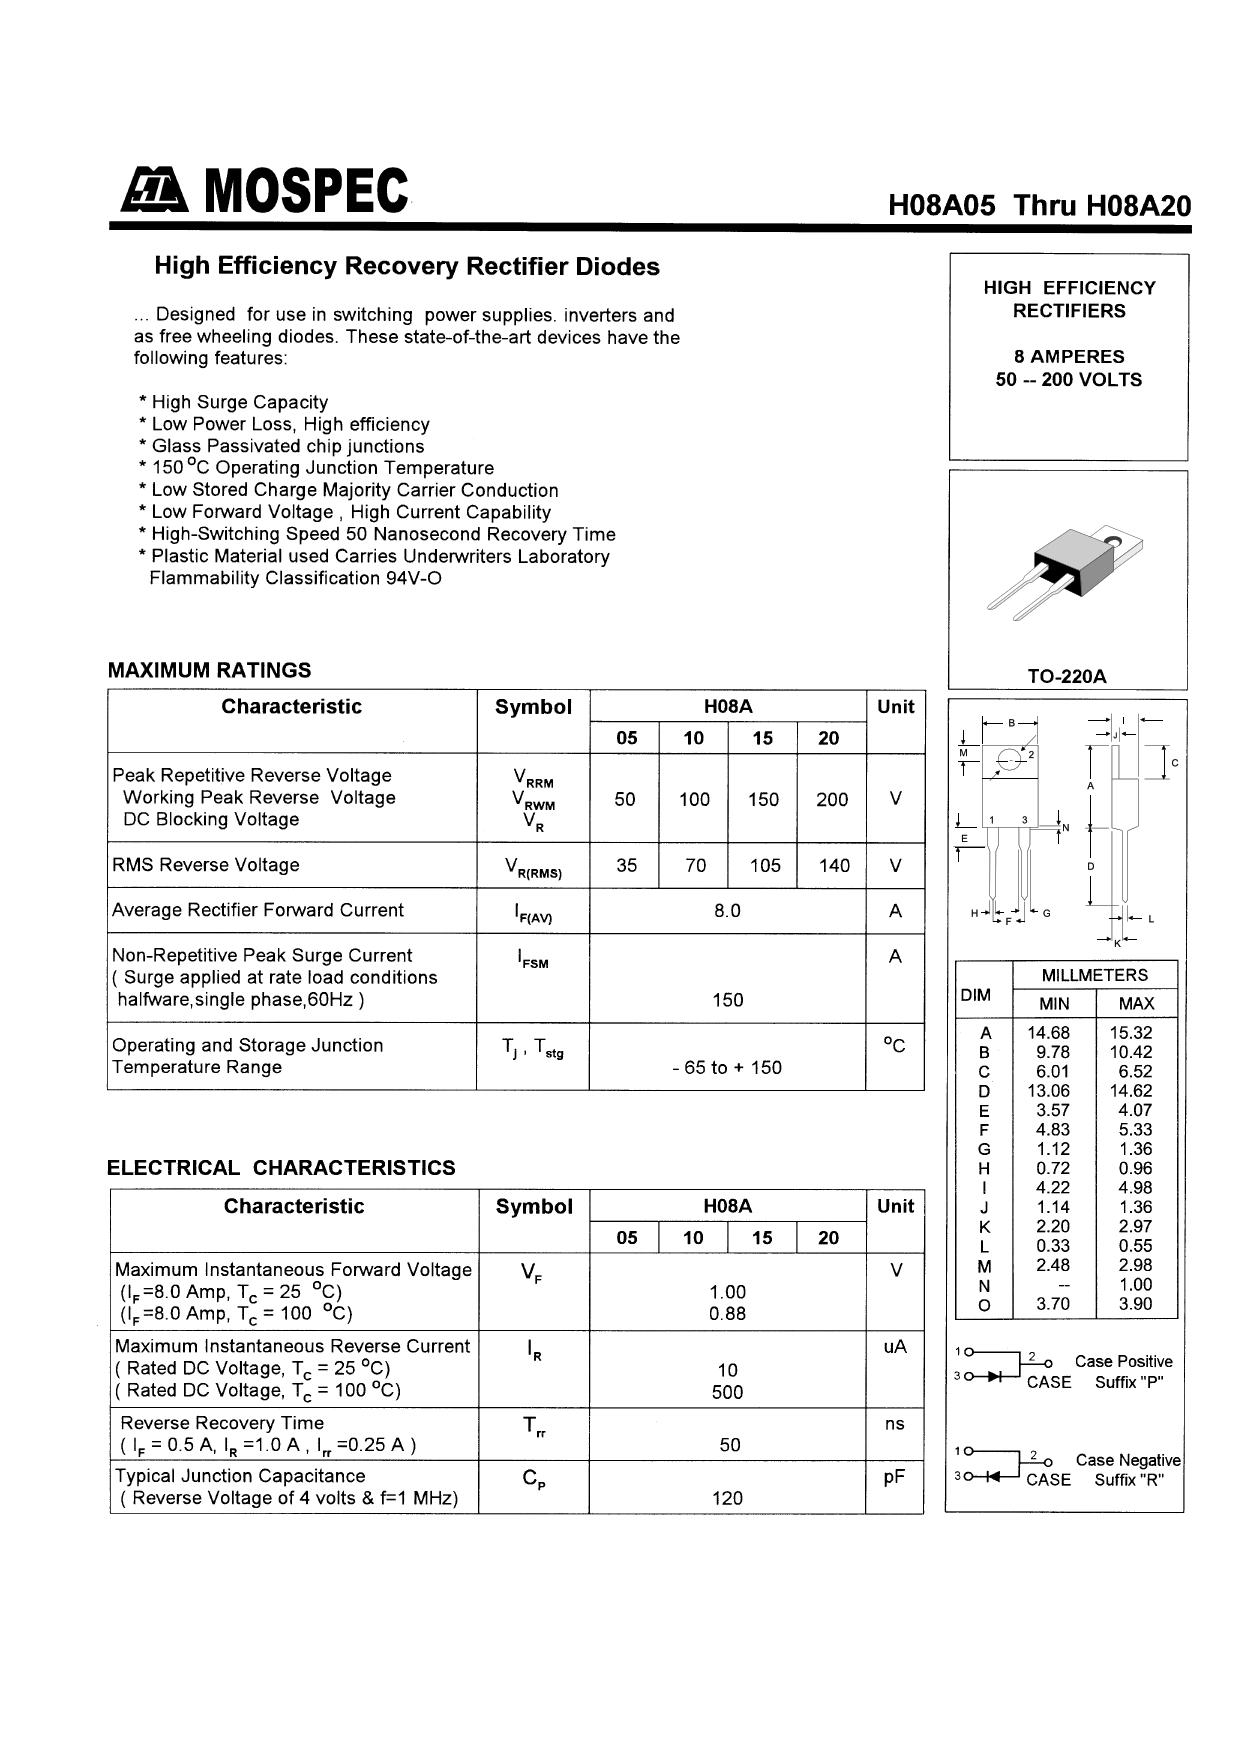 H05A05 Hoja de datos, Descripción, Manual